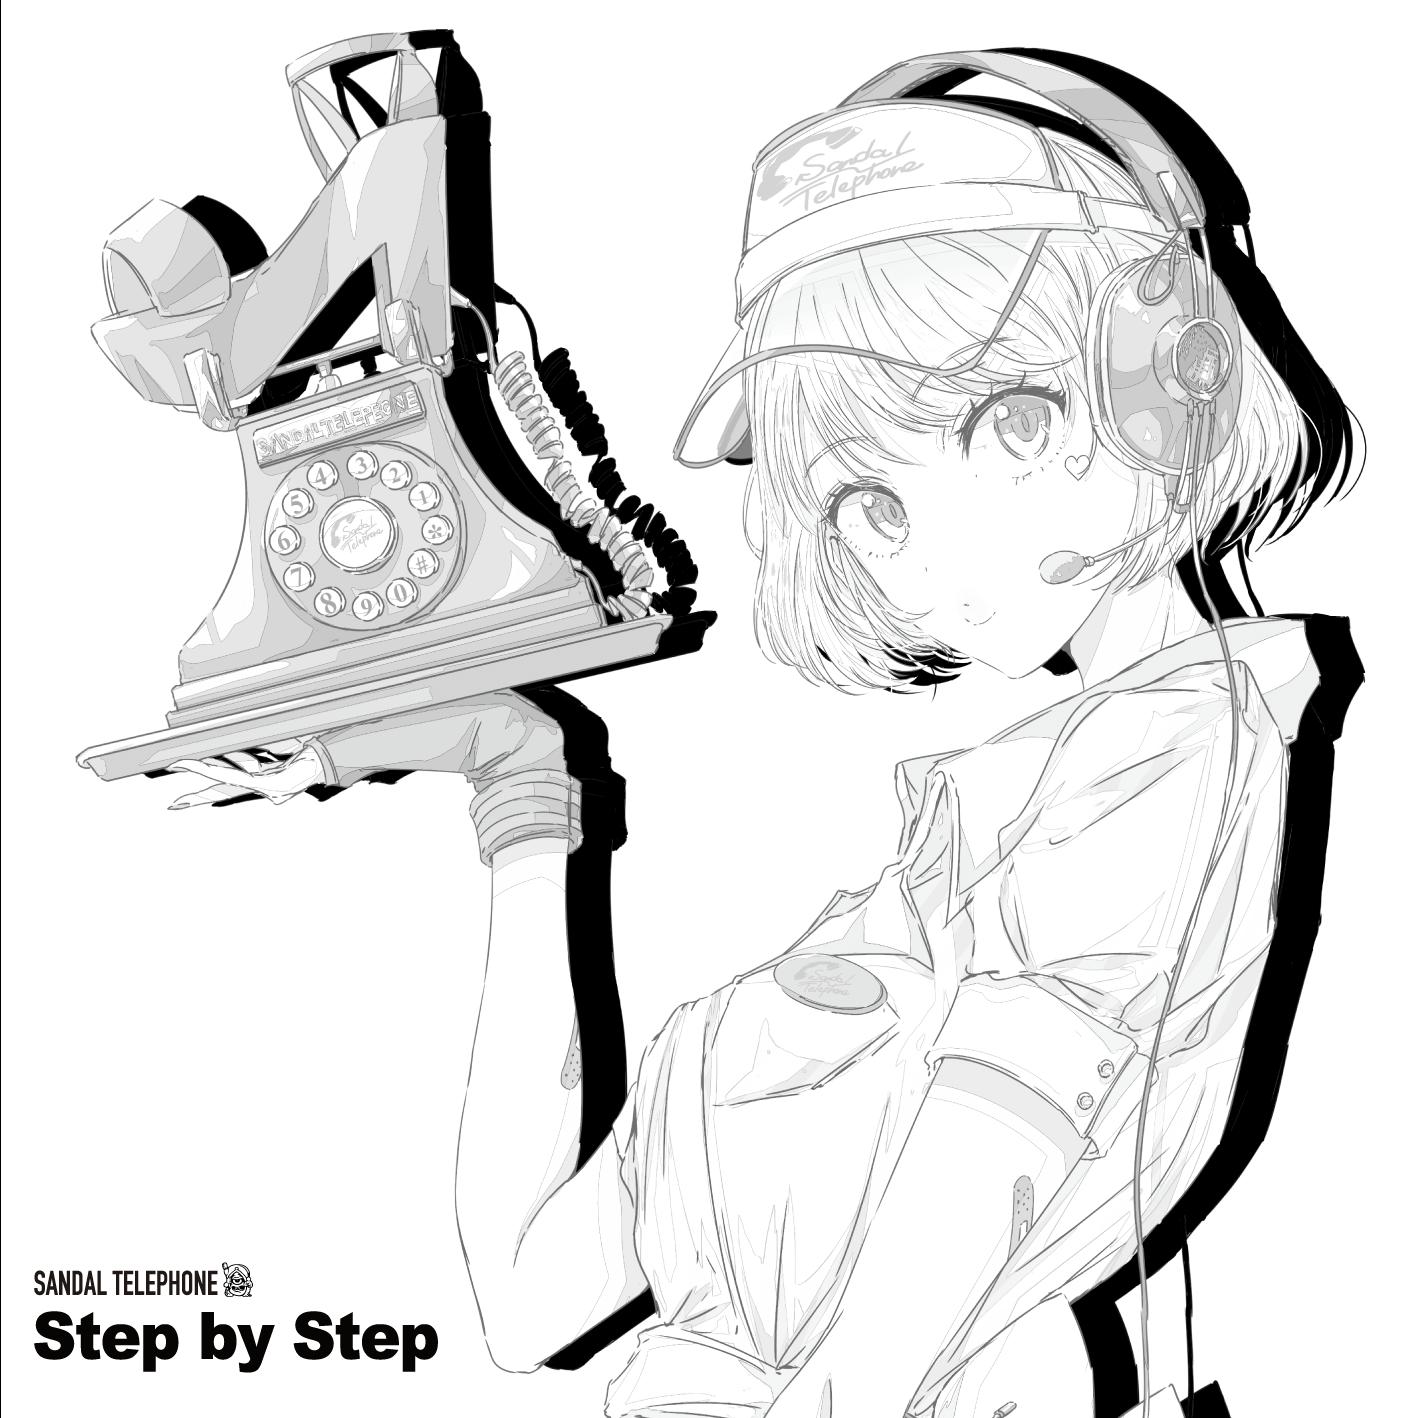 【選べる特典付き】サンダルテレフォン「Step by Step(B盤)」(SDTP-5)